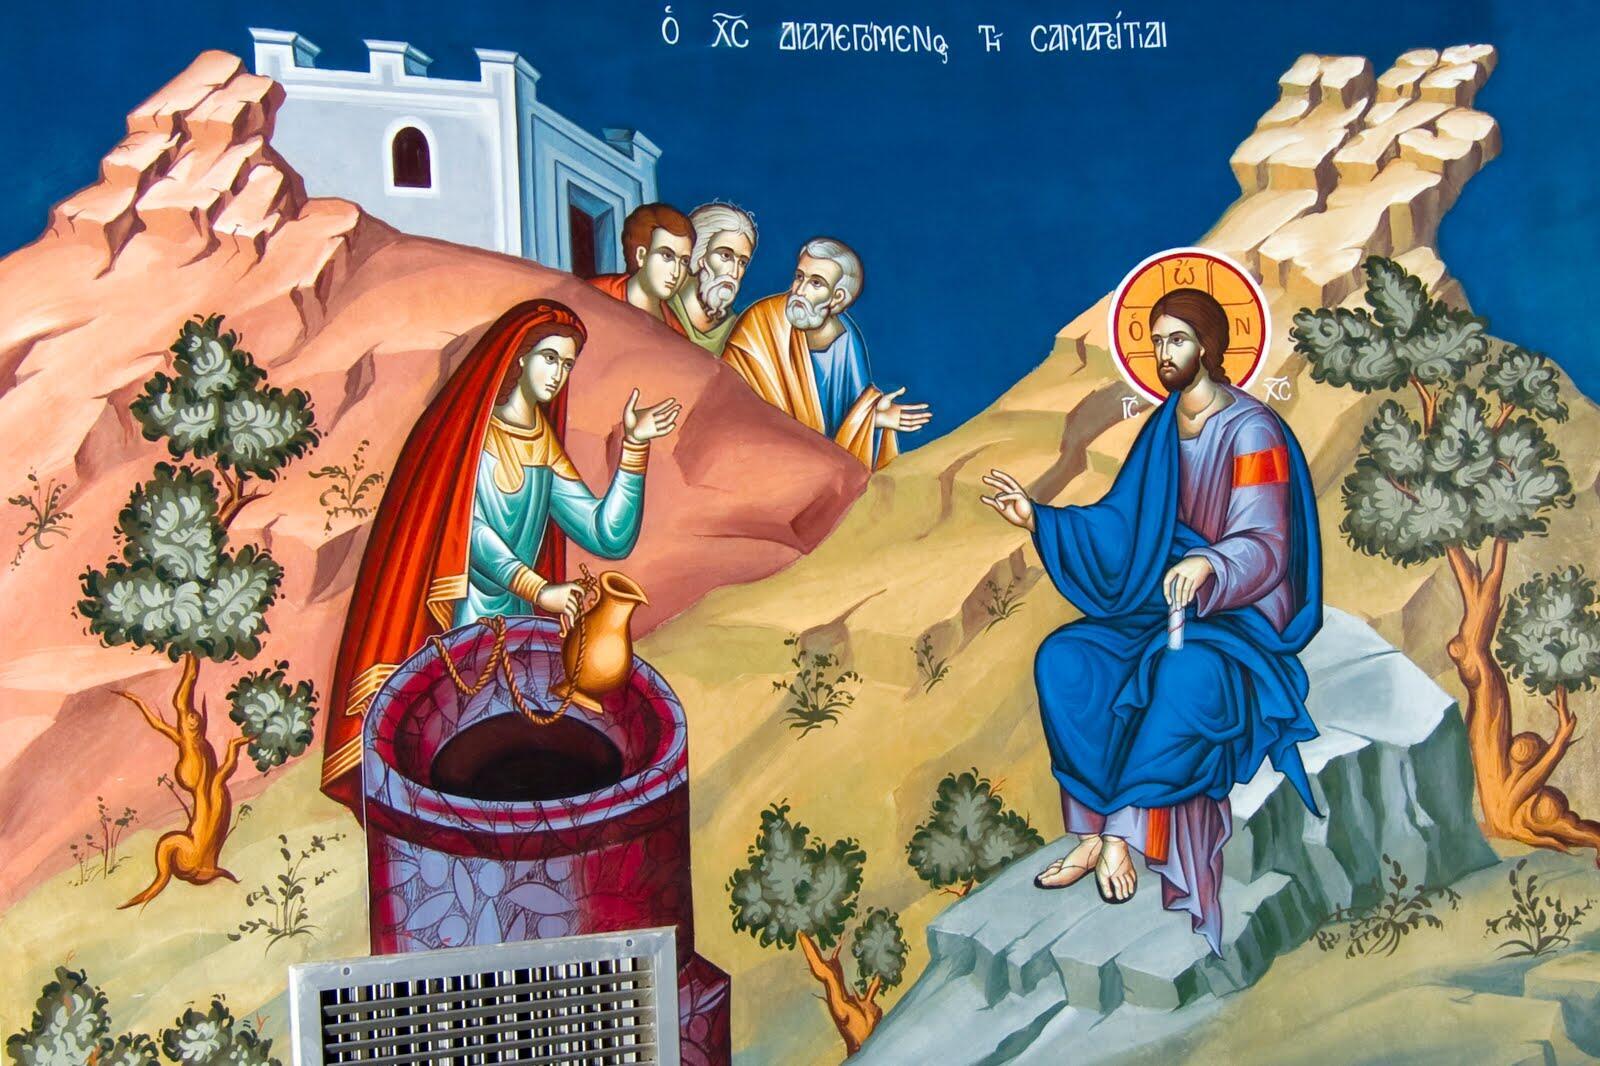 Ποια Ήταν η Σαμαρείτιδα; Τι Γιορτάζουμε την Κυριακή της ...